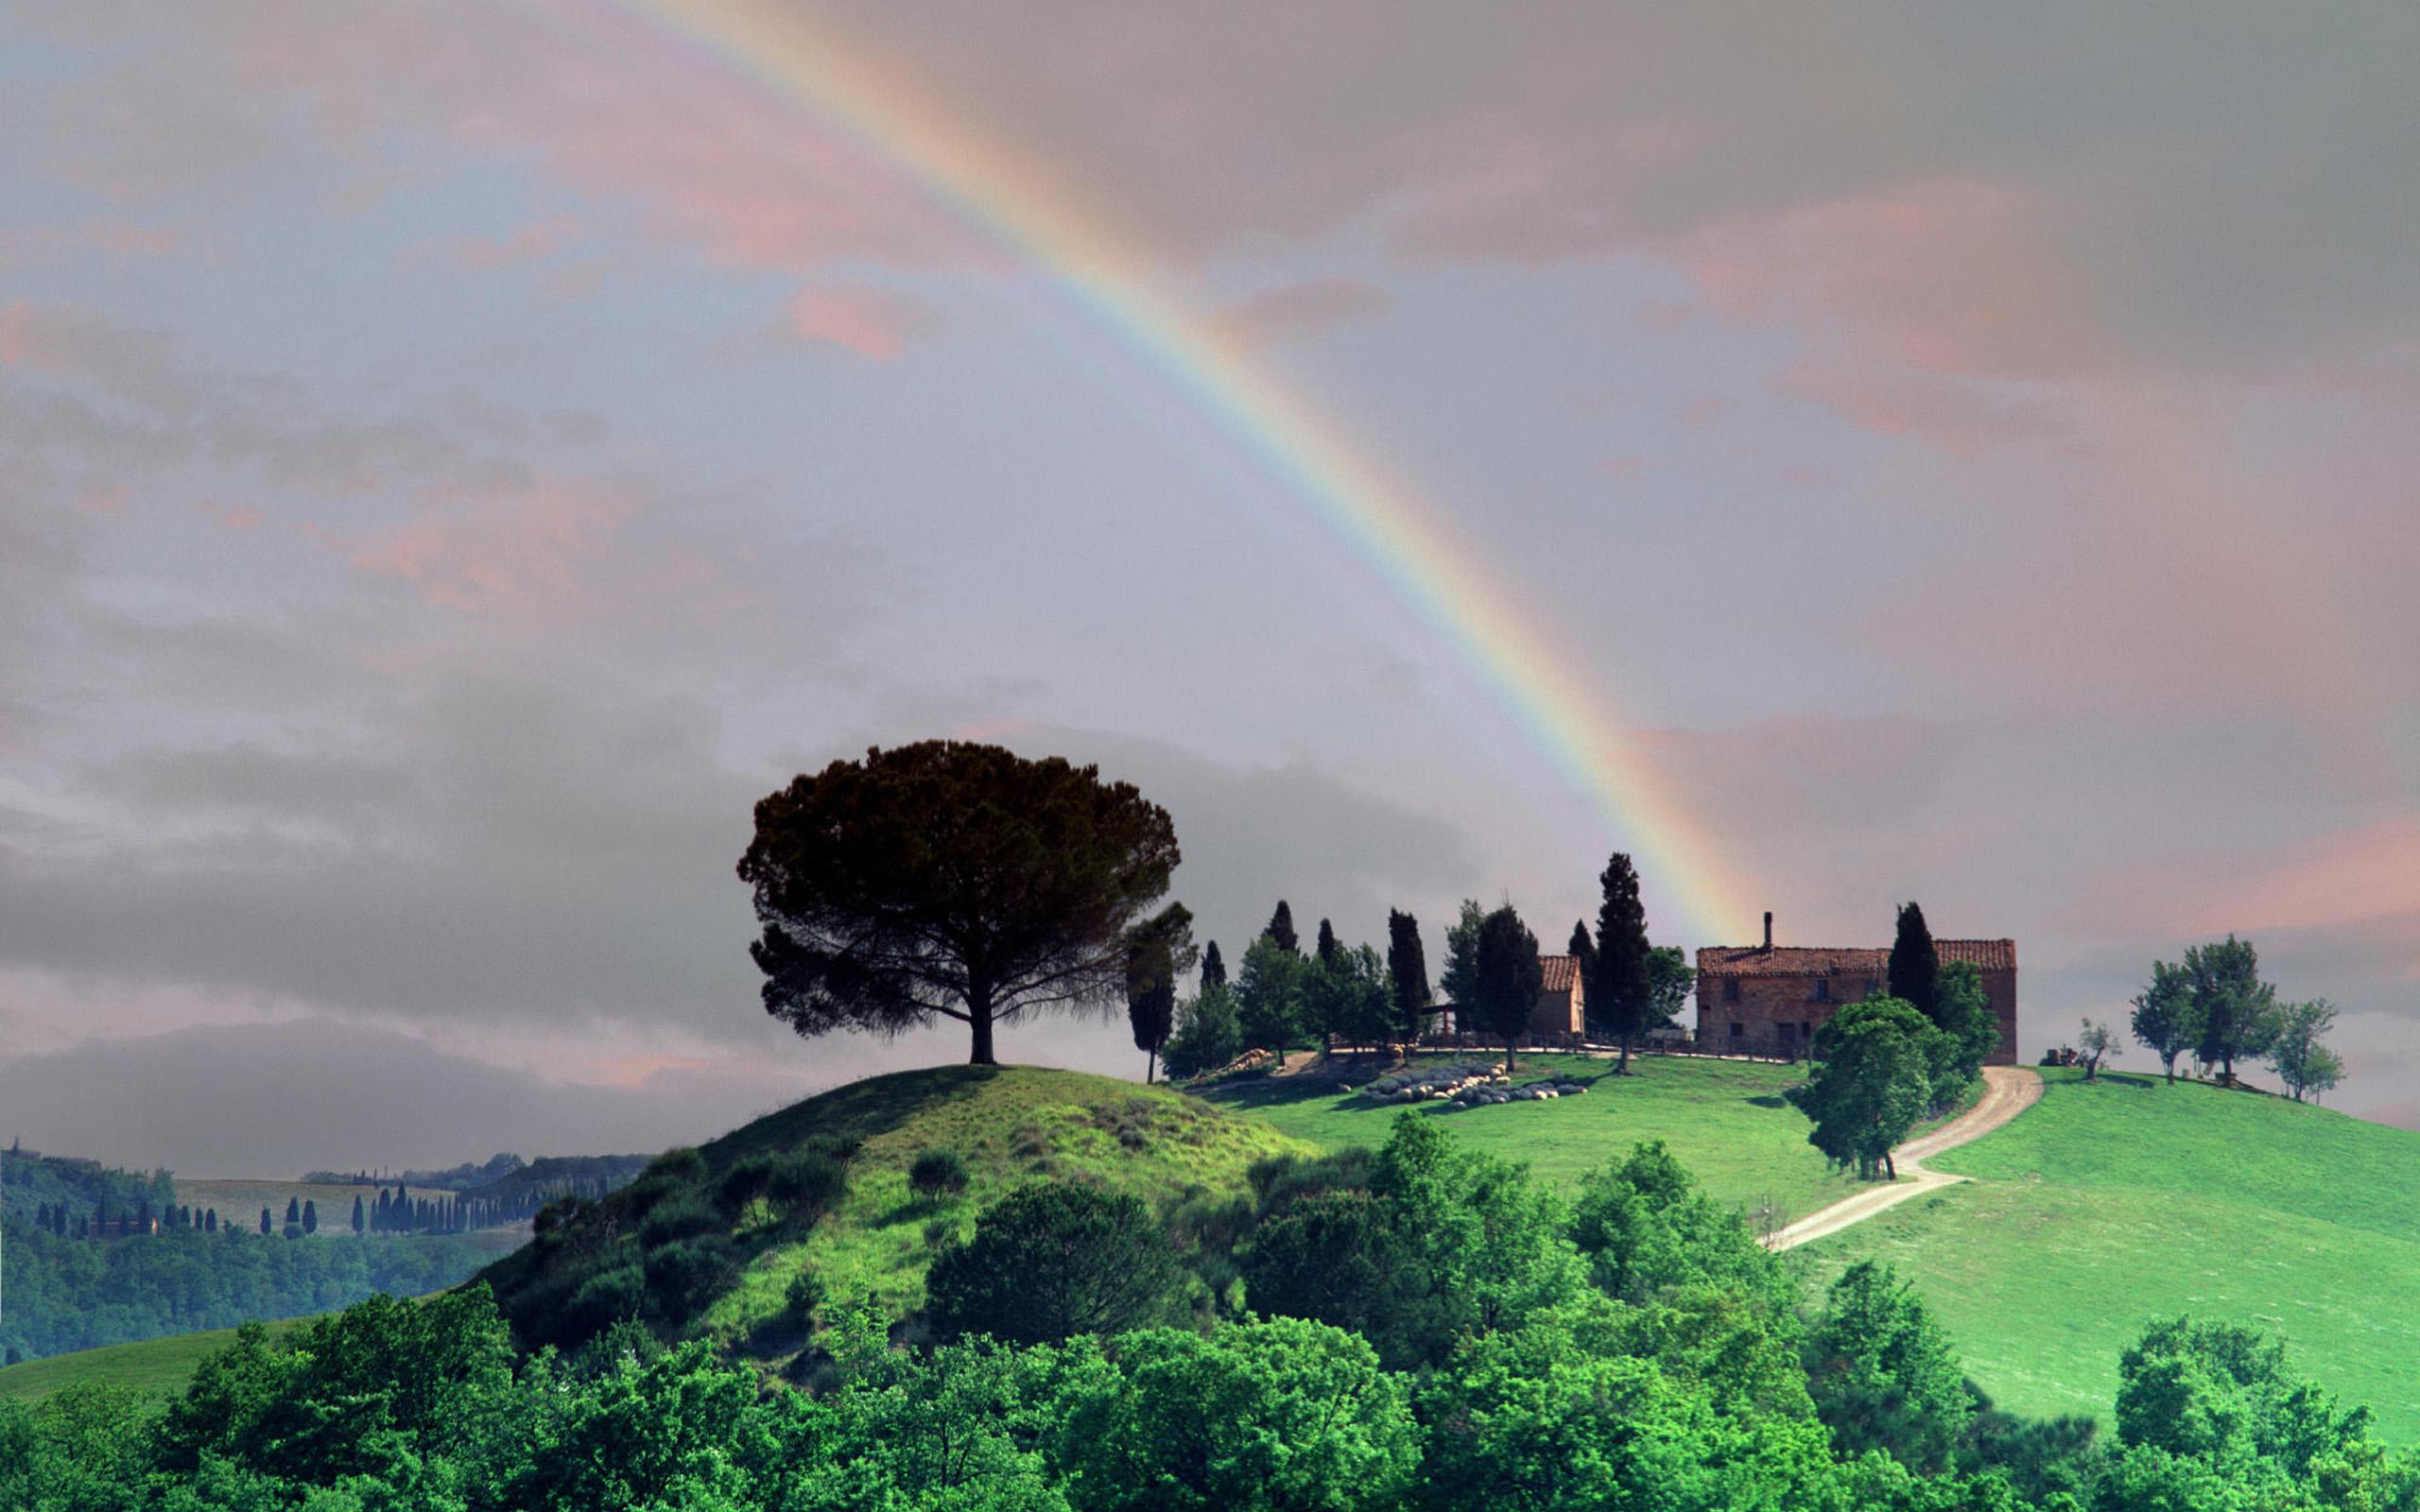 радуга над дворцом бесплатно